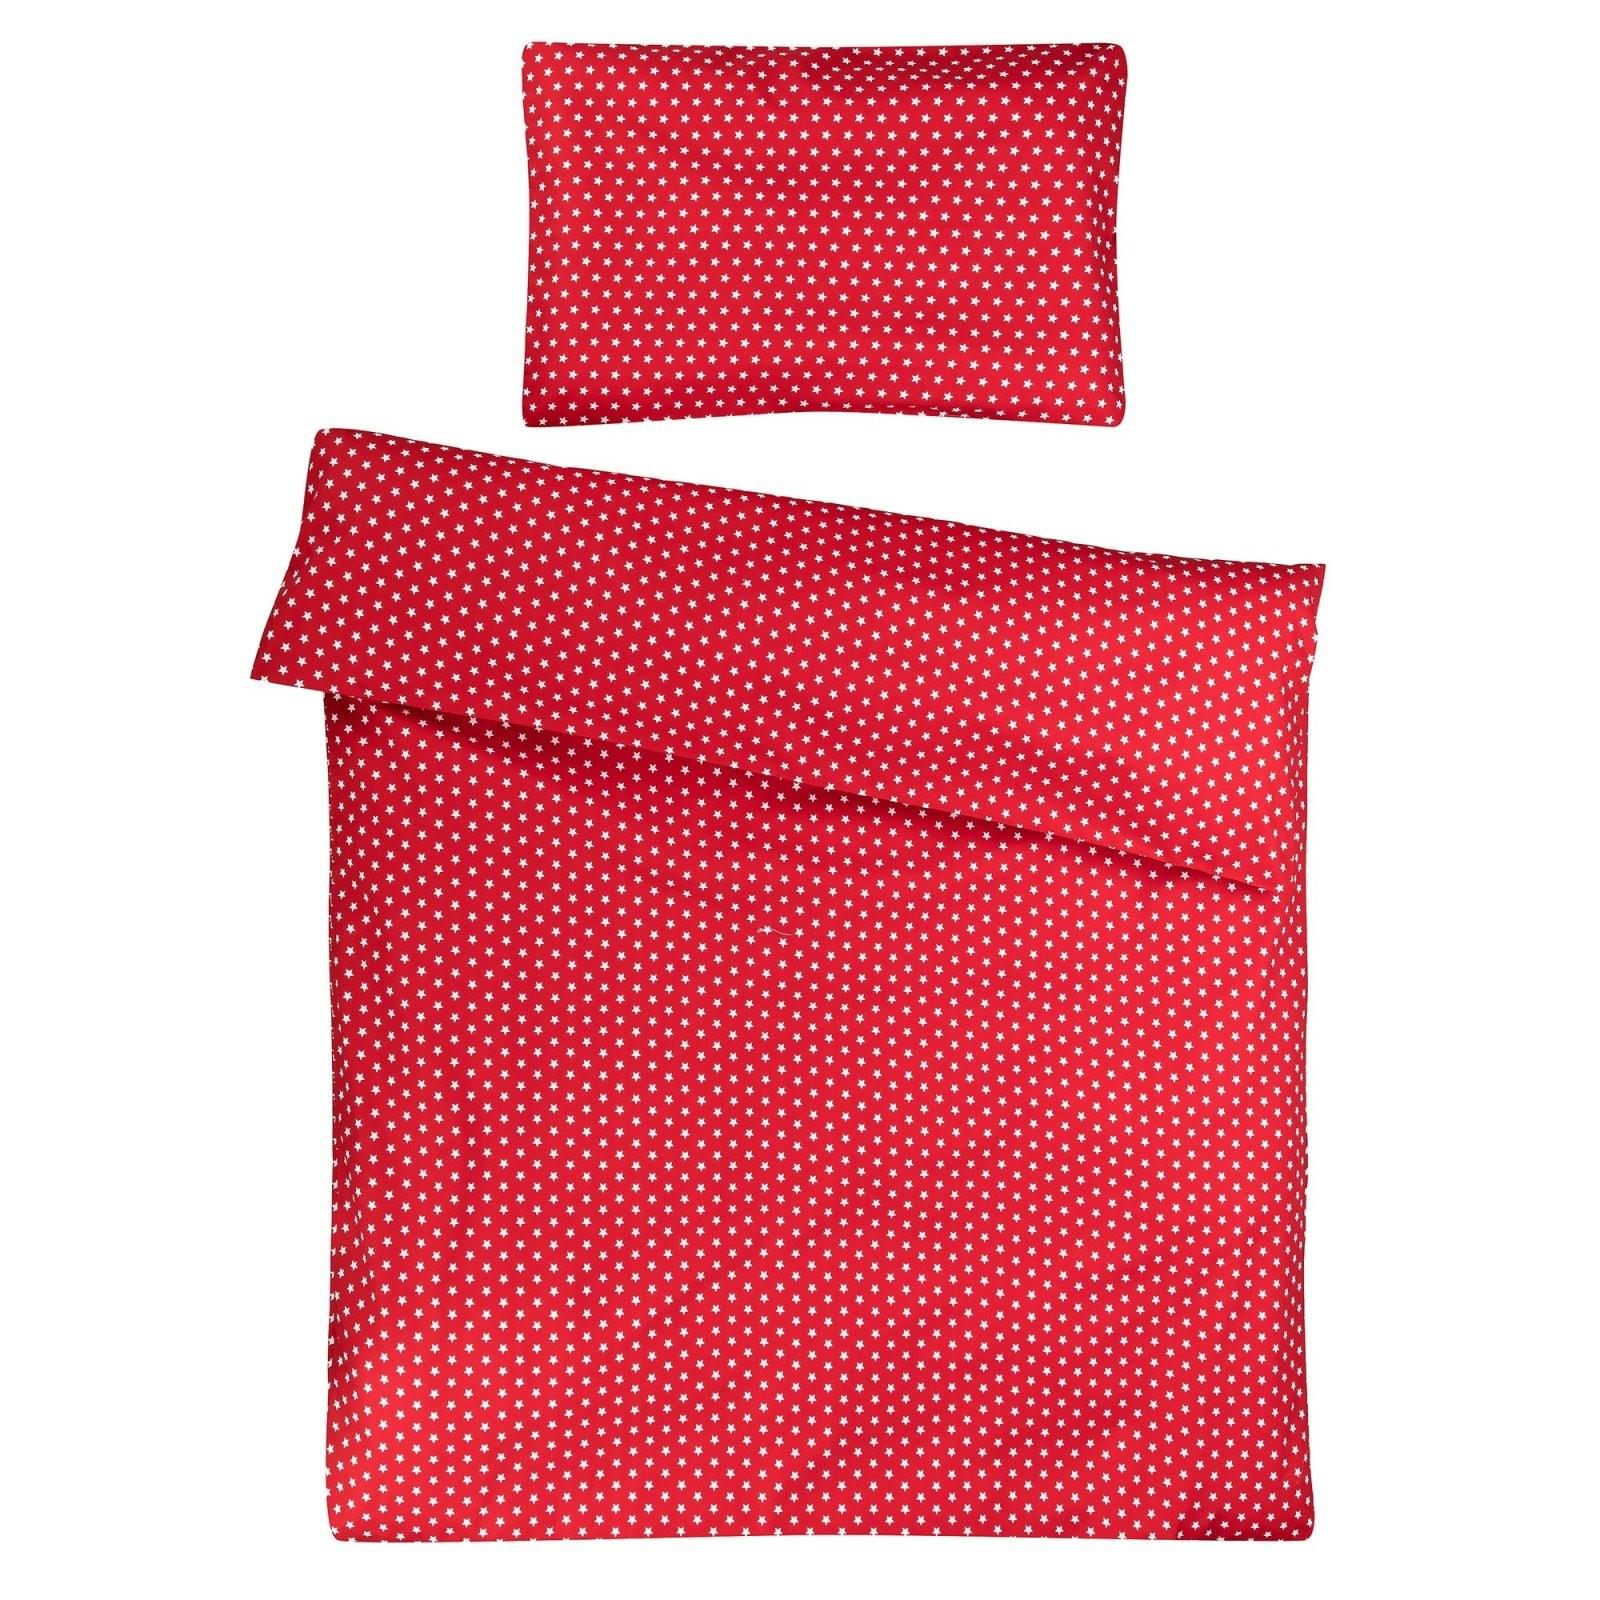 Kinderbettwäsche 100X135 Cm  Rot Mit Weißen Sternen von Bettwäsche 100X135 Sterne Photo